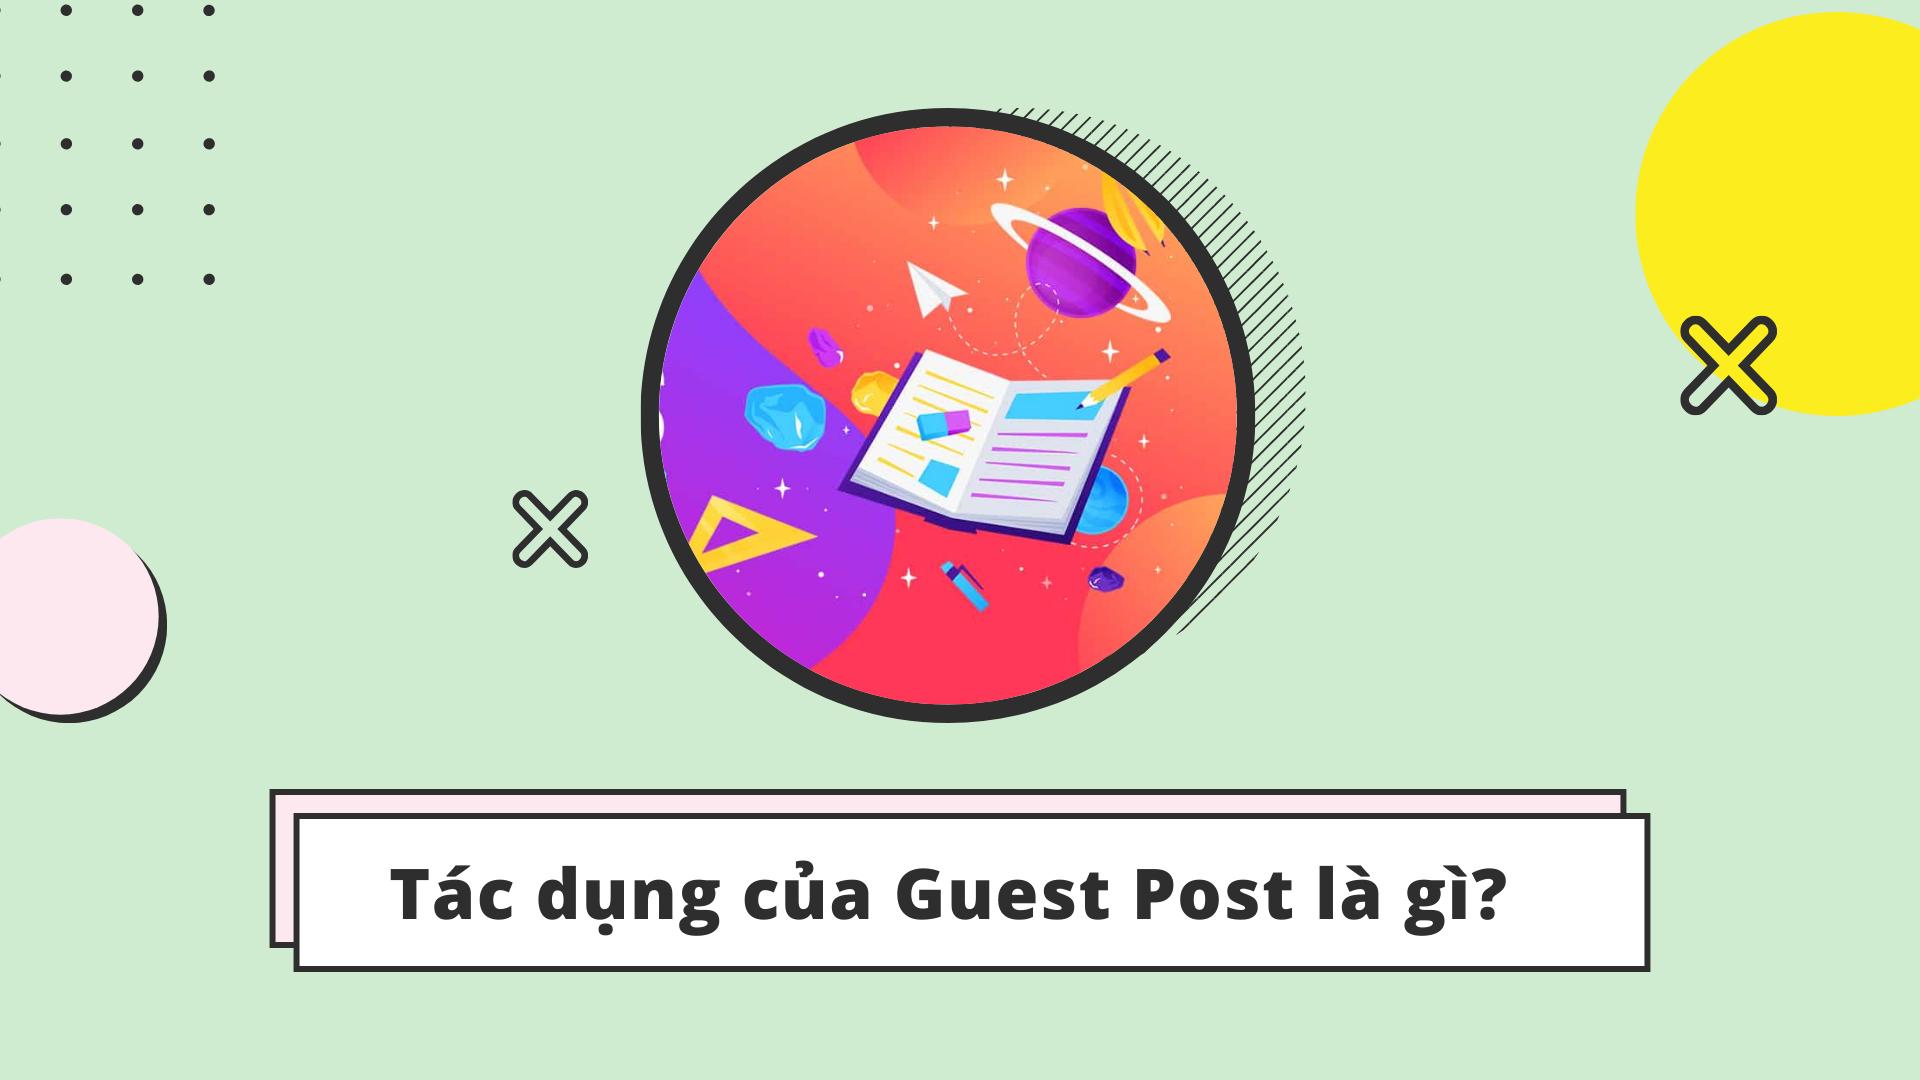 Tác dụng của guest post là gì